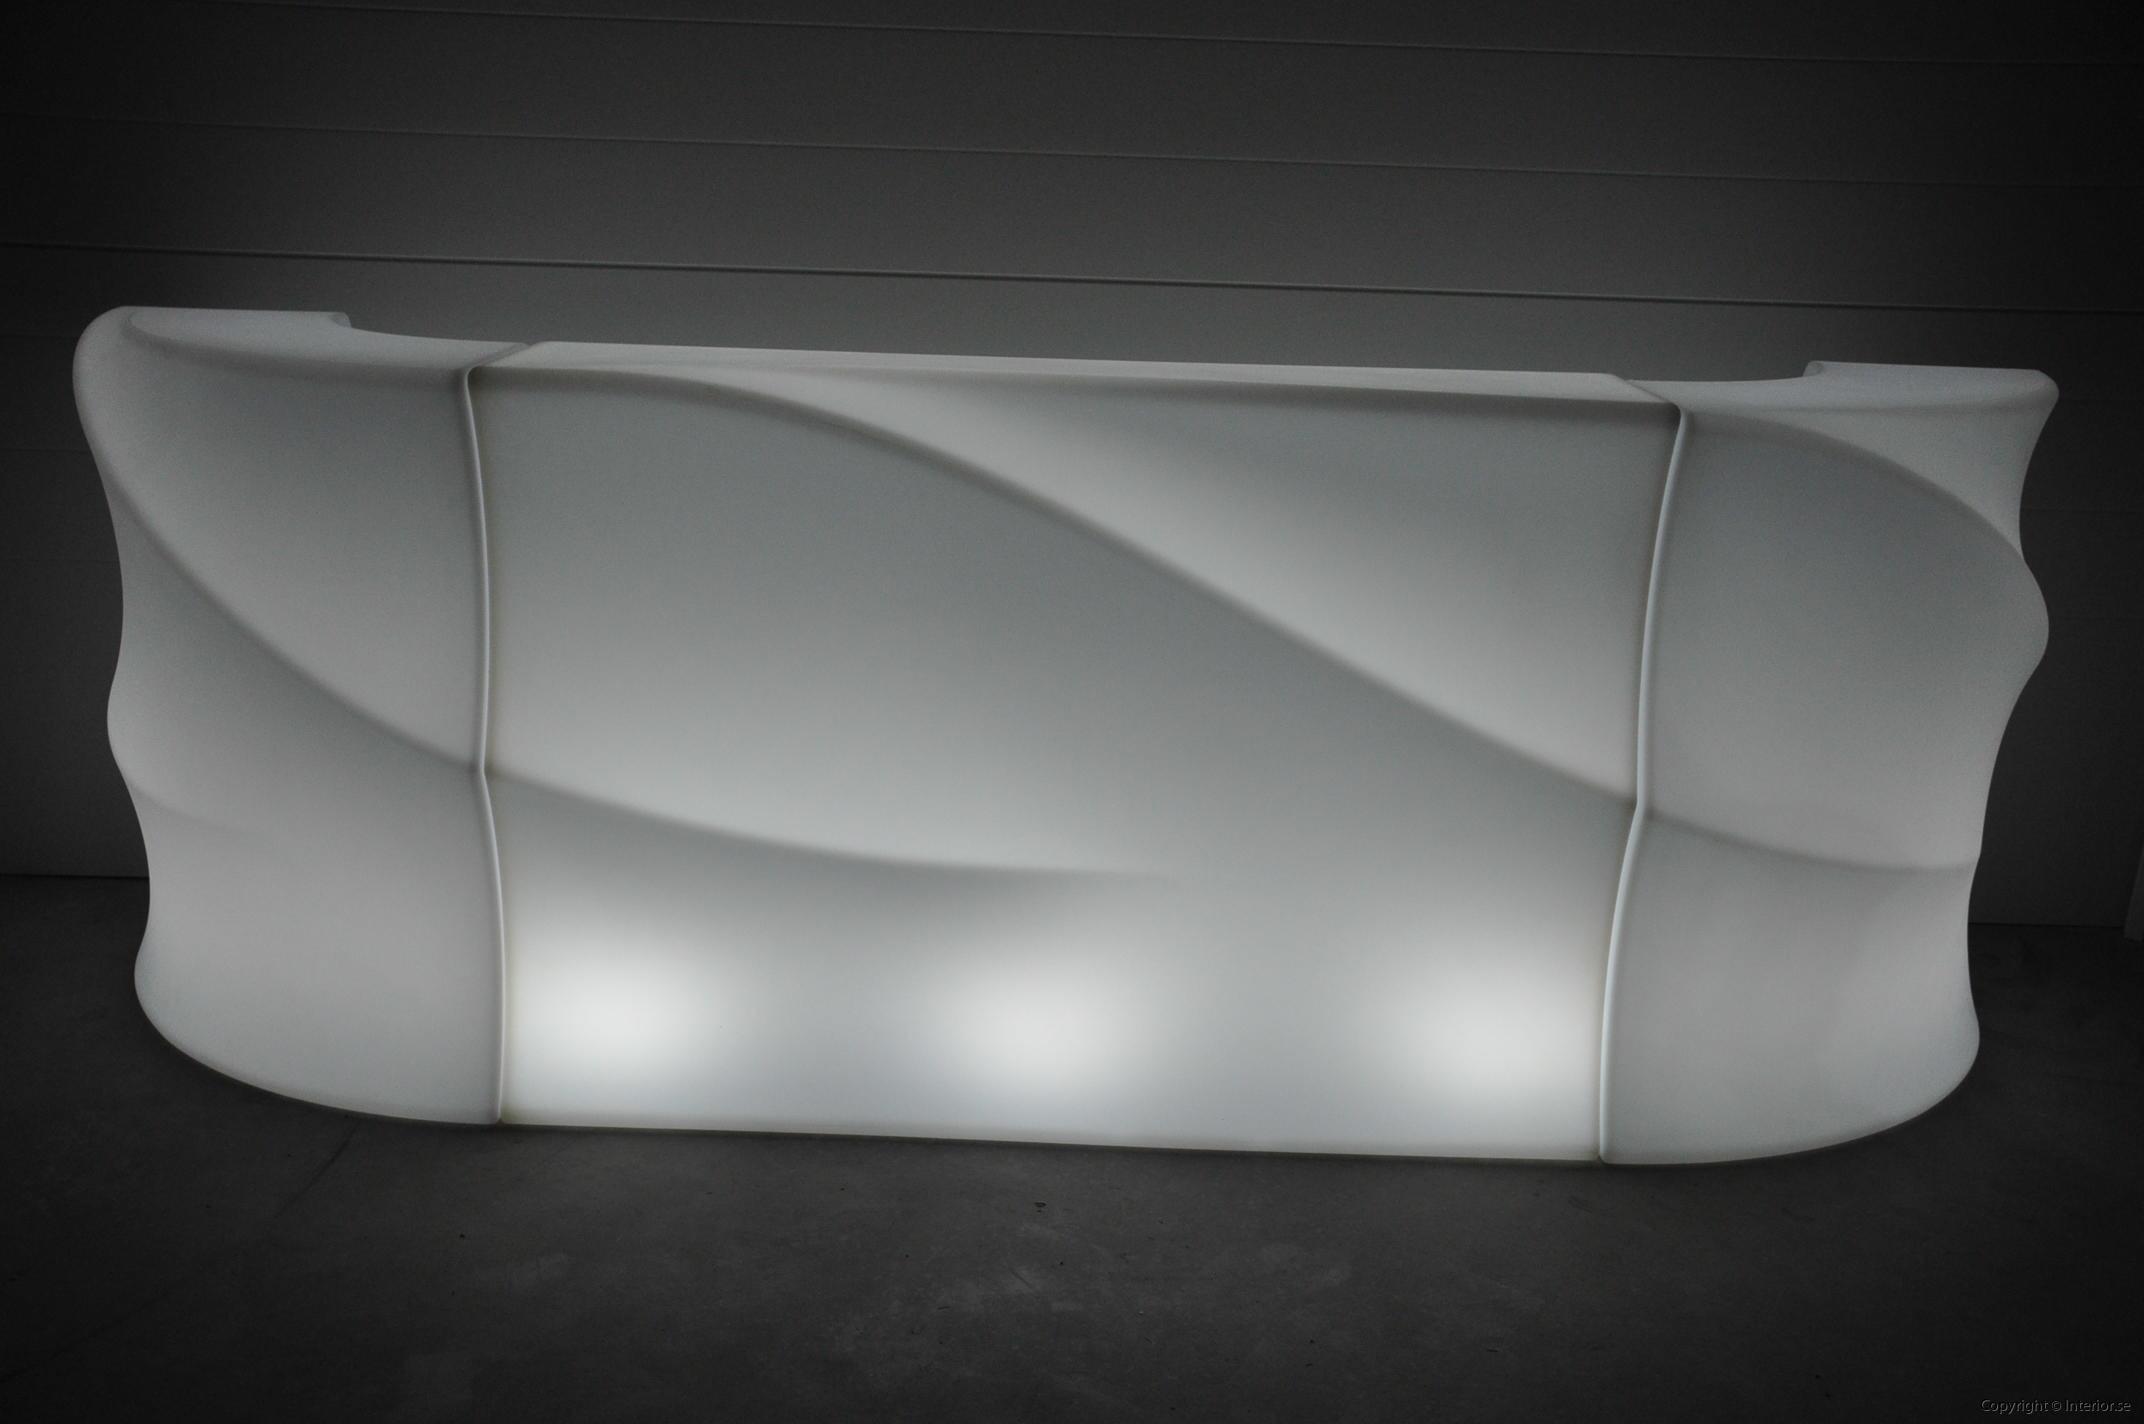 Hyra LED bardisk stockholm, New Wave 320 cm - batteri (16)